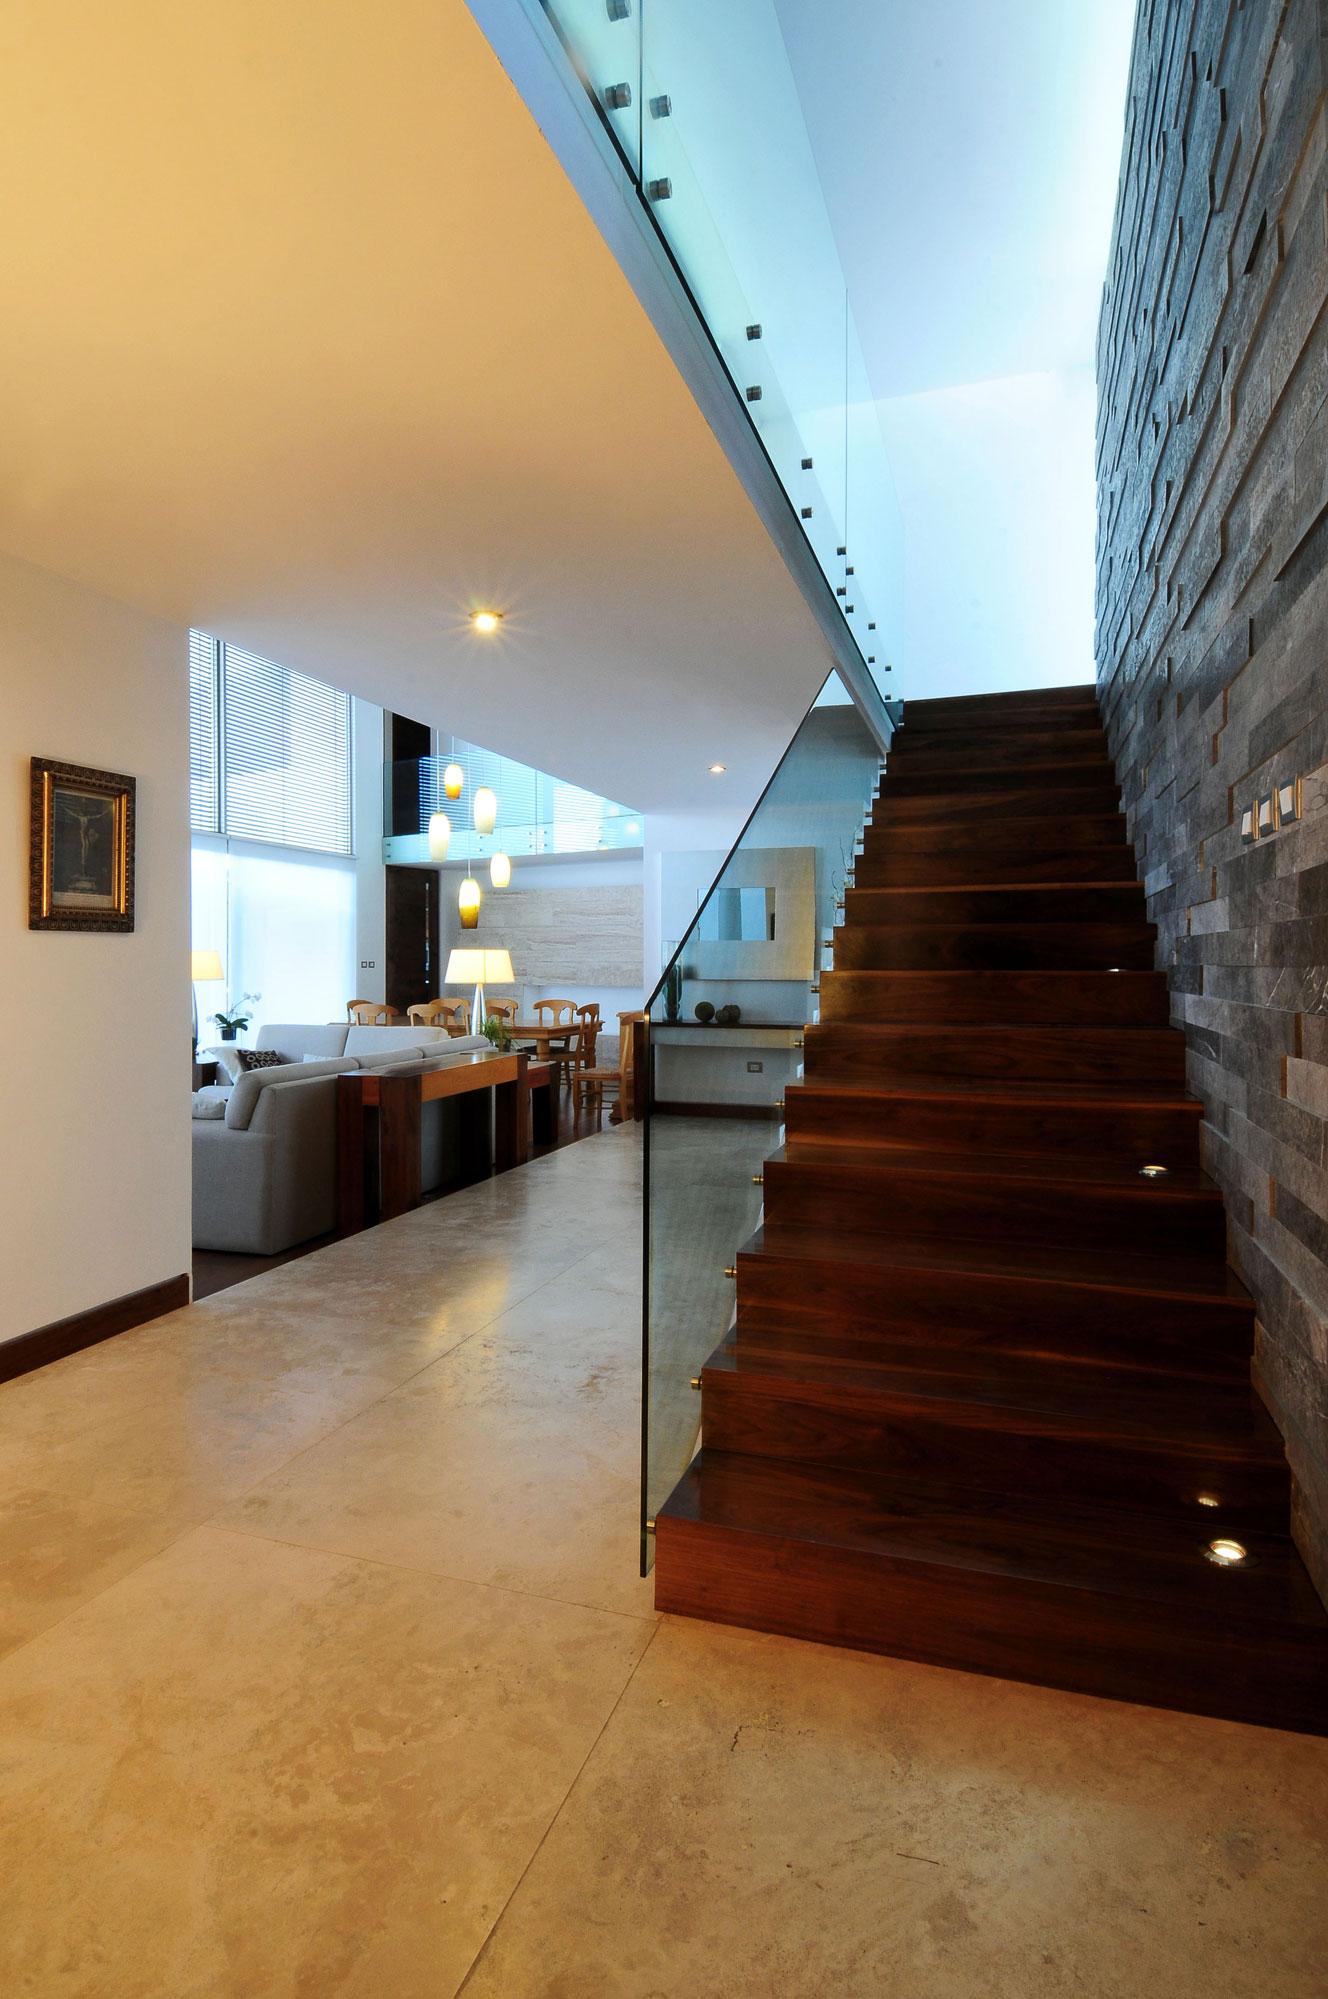 Отделка стен декоративным камнем у лестницы